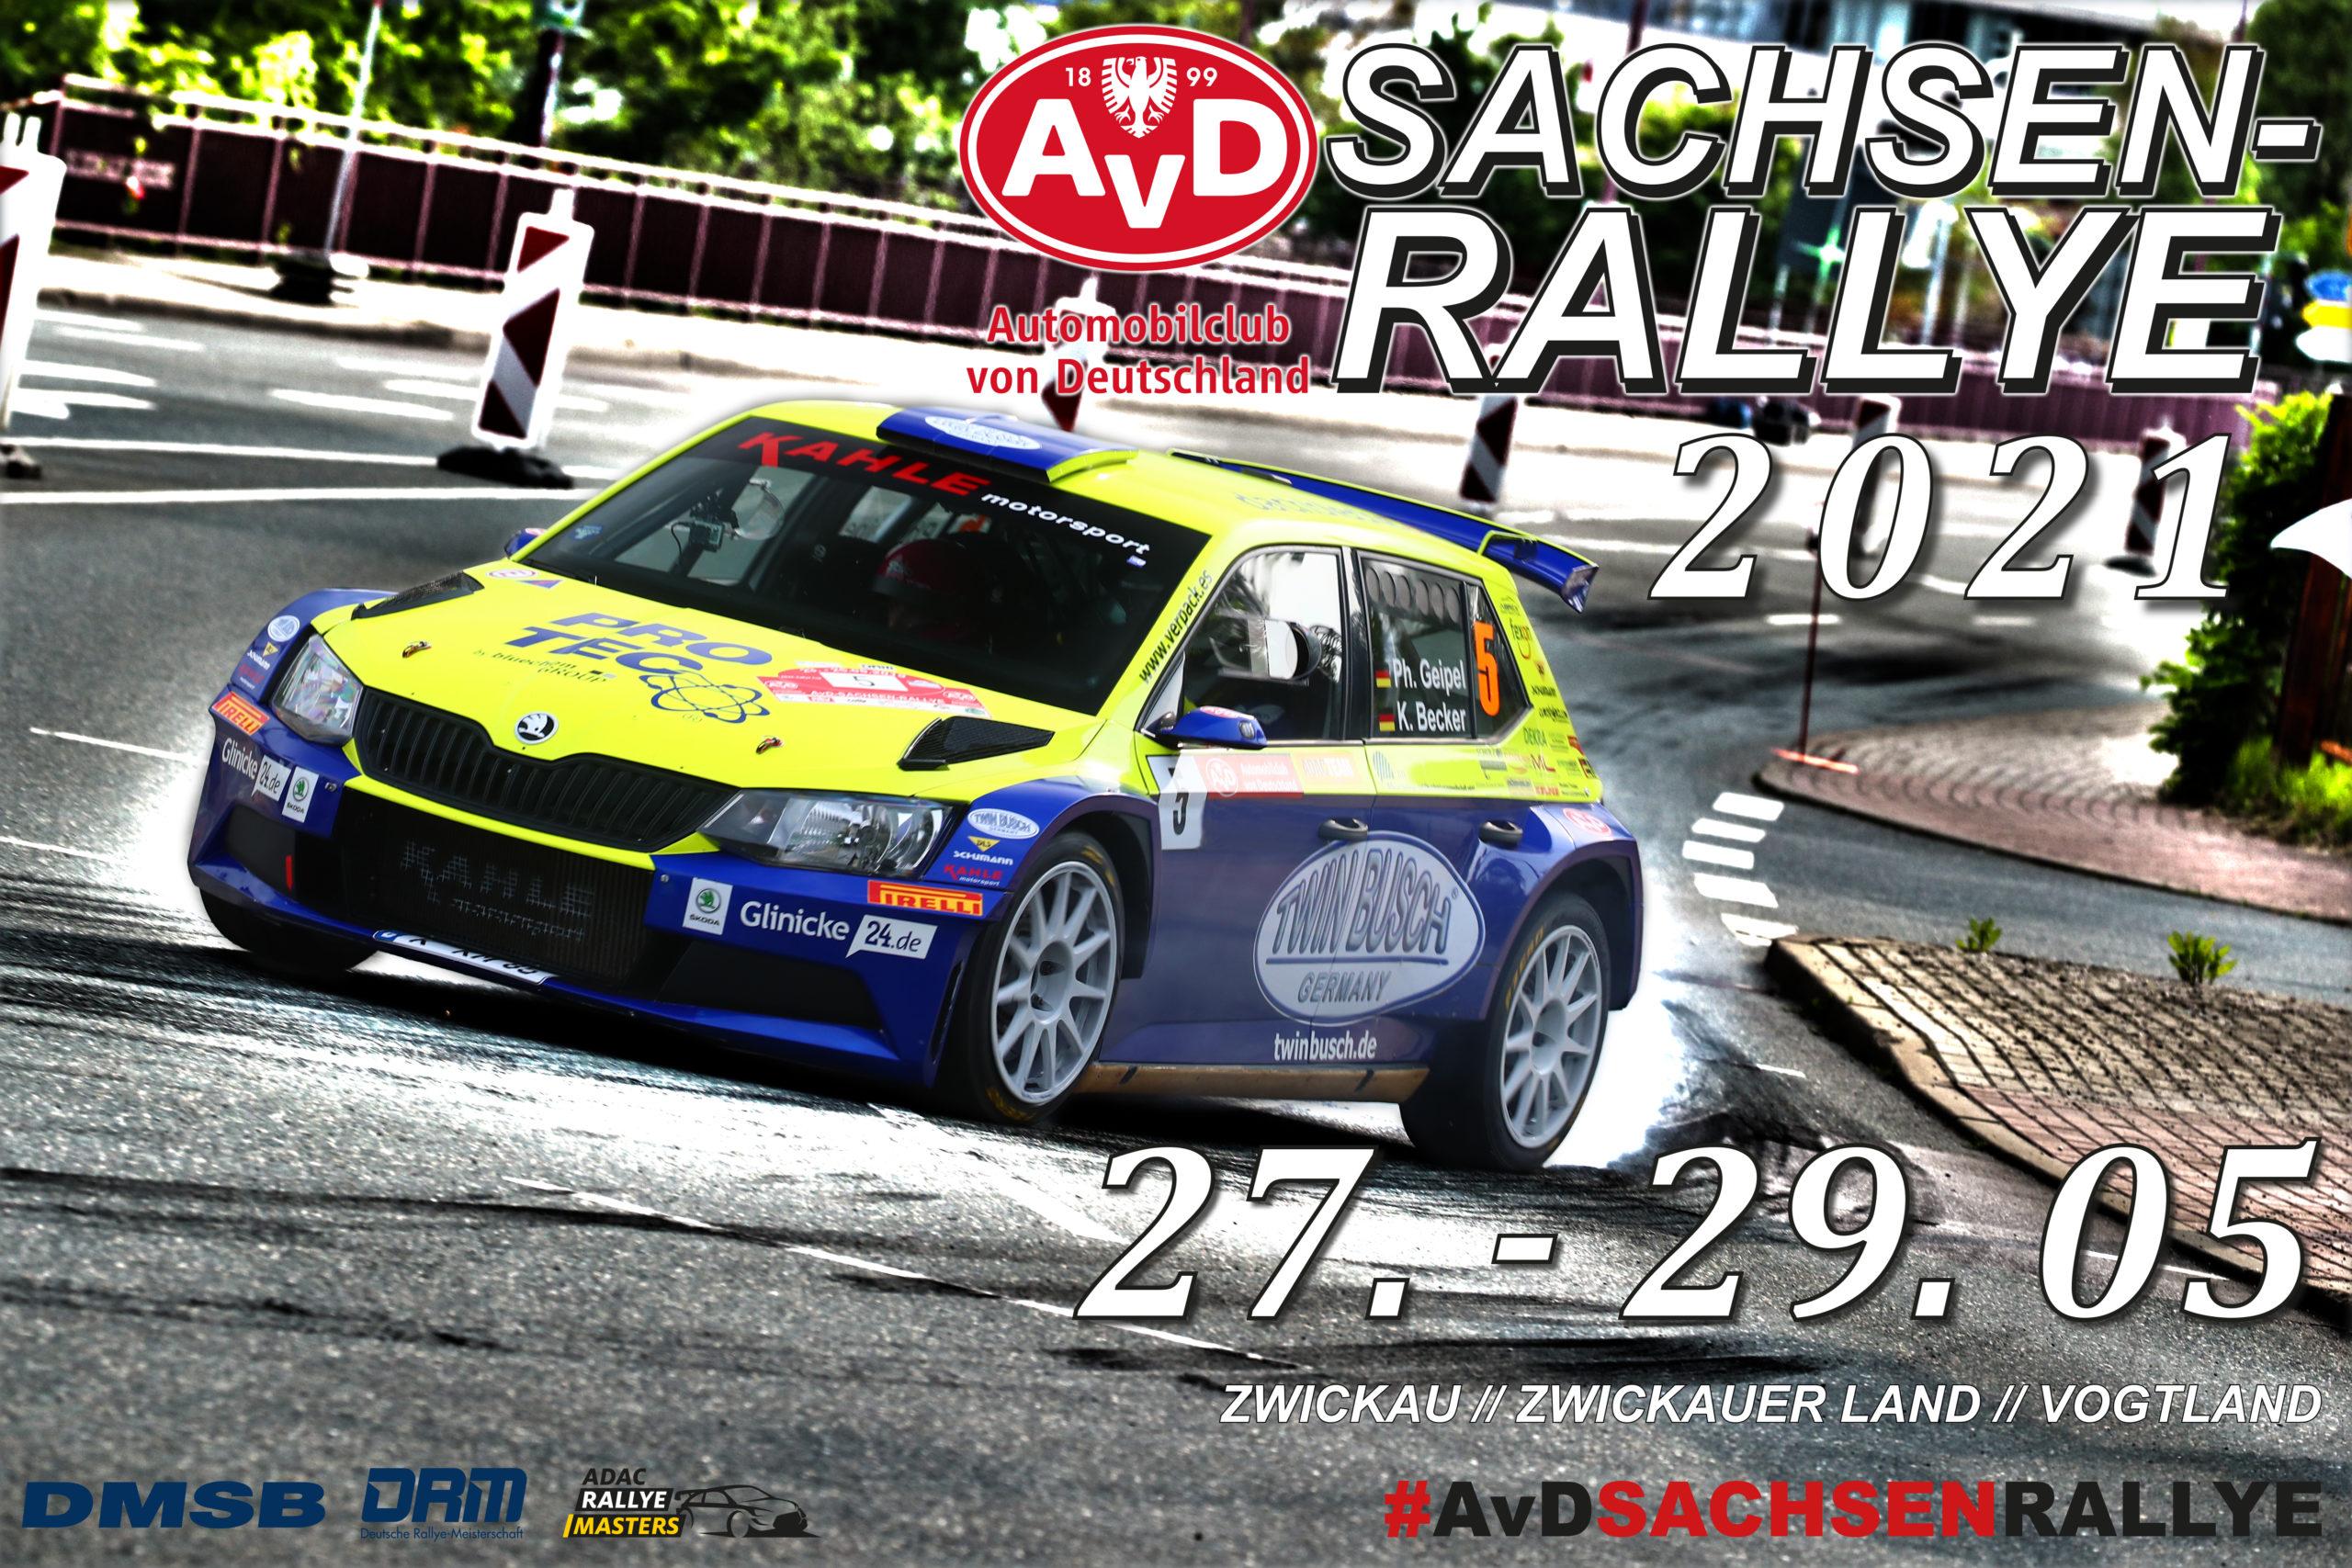 Absage der AvD-Sachsen-Rallye 2020